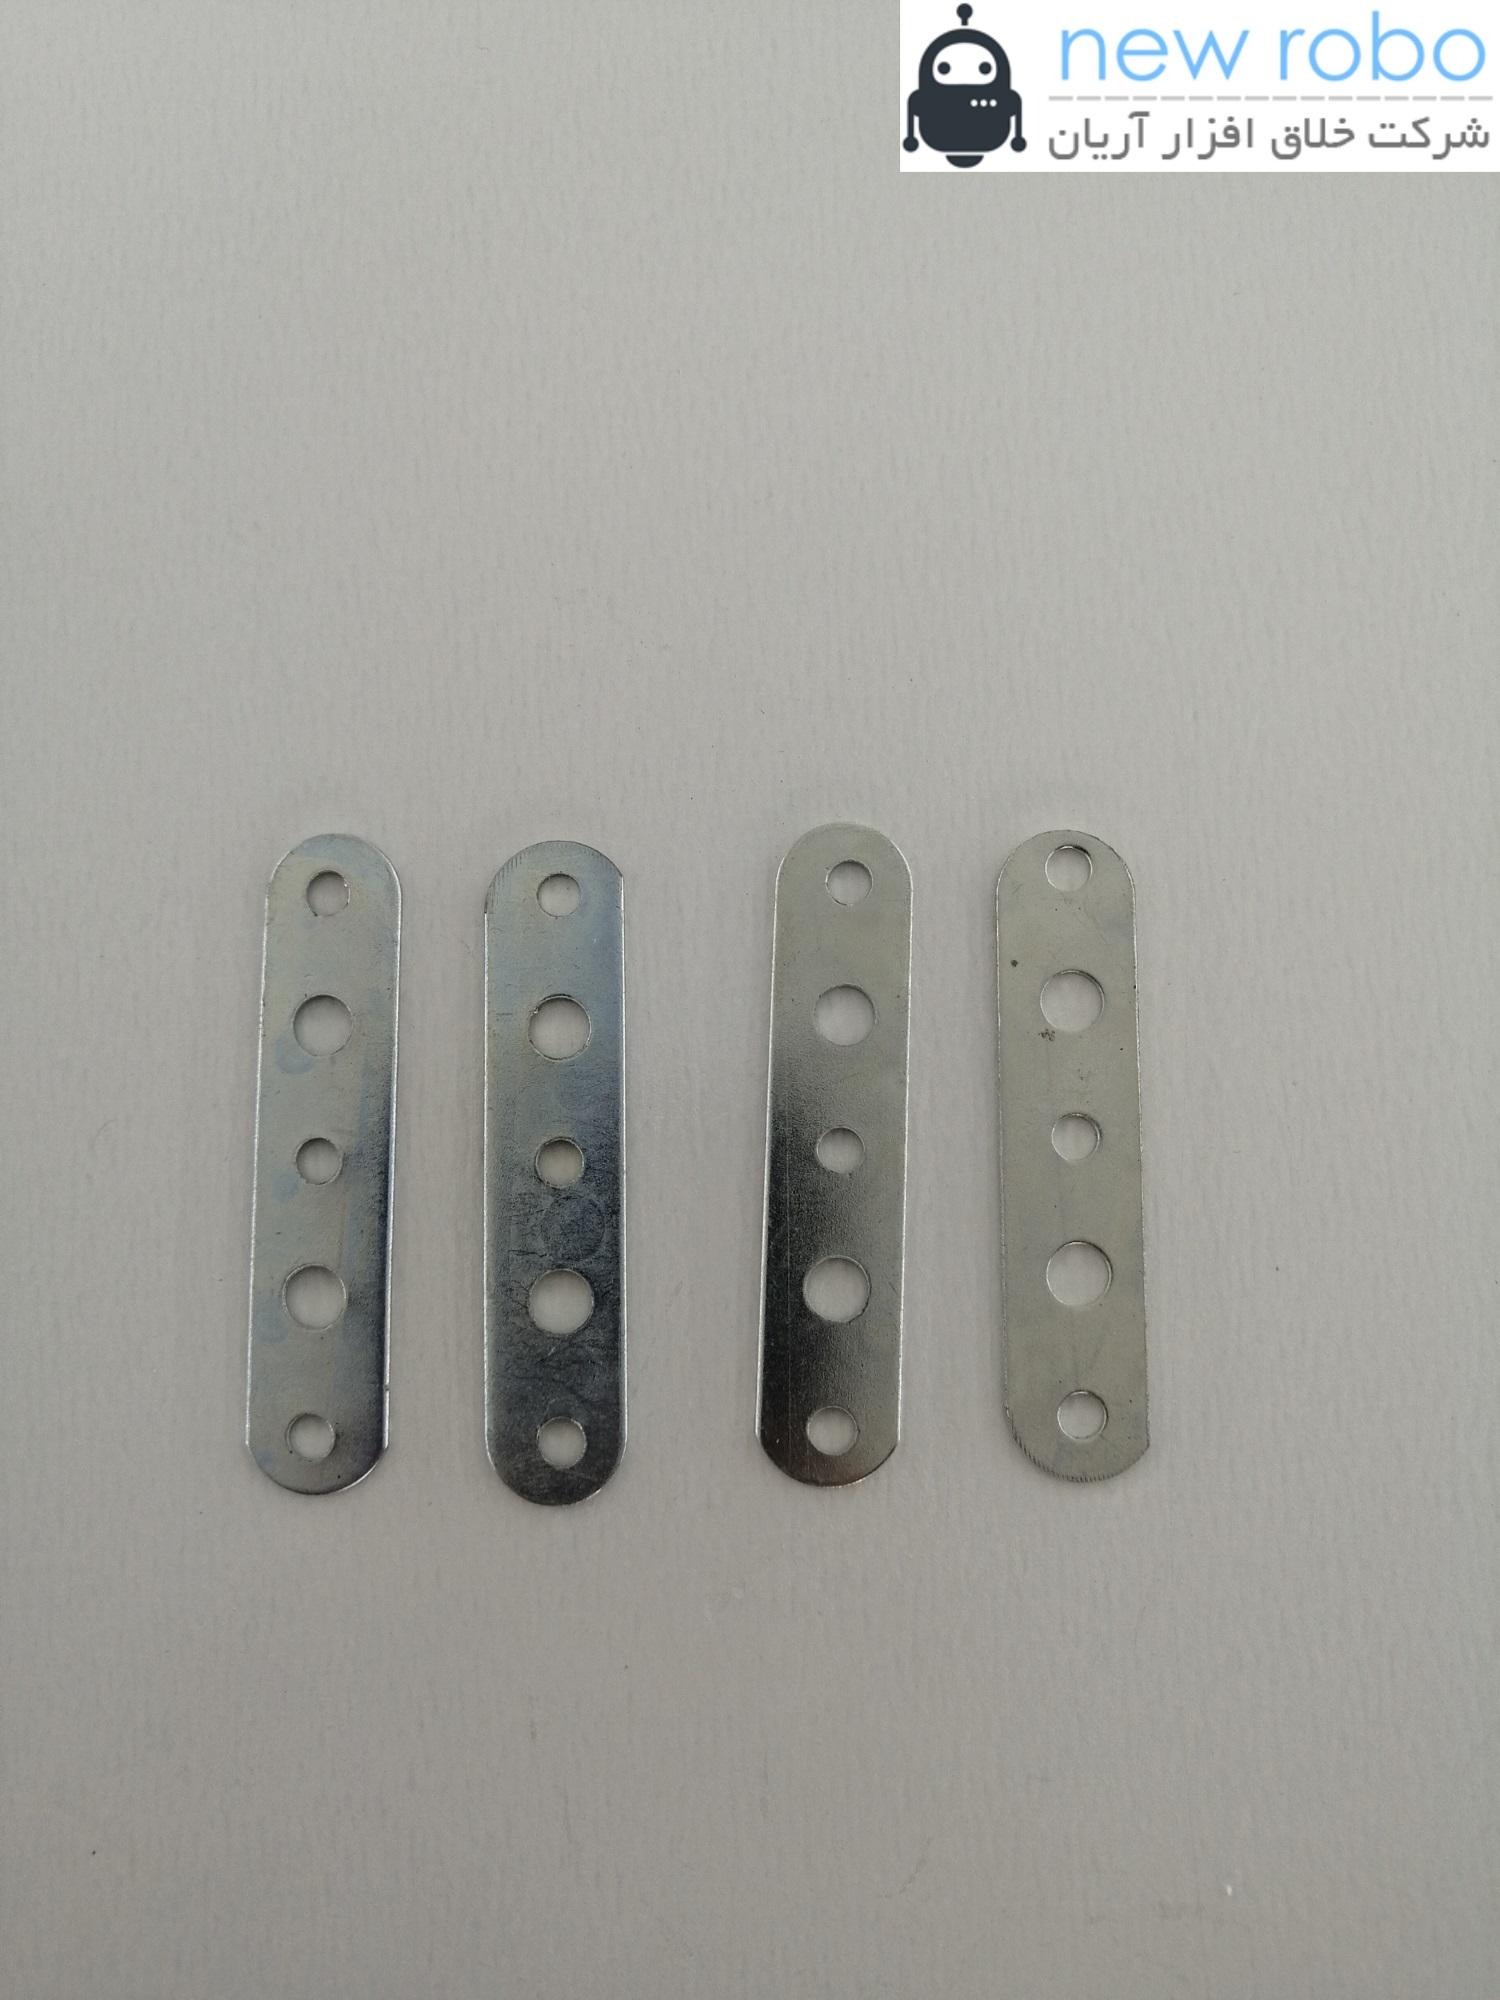 تسمه 5 سوراخ سازه فلزی رباتیک